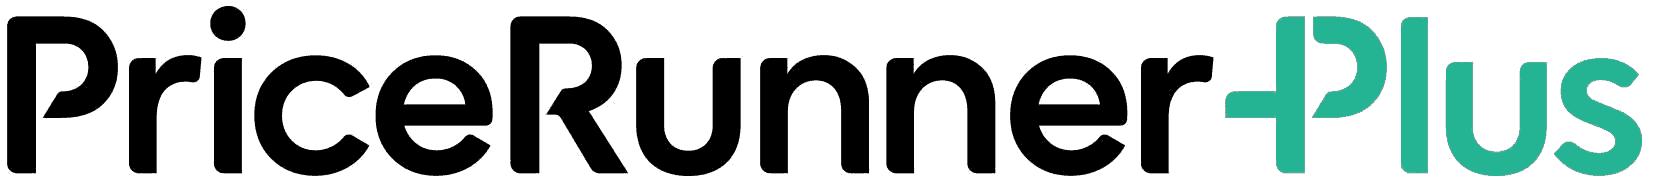 Pricerunner Plus logo